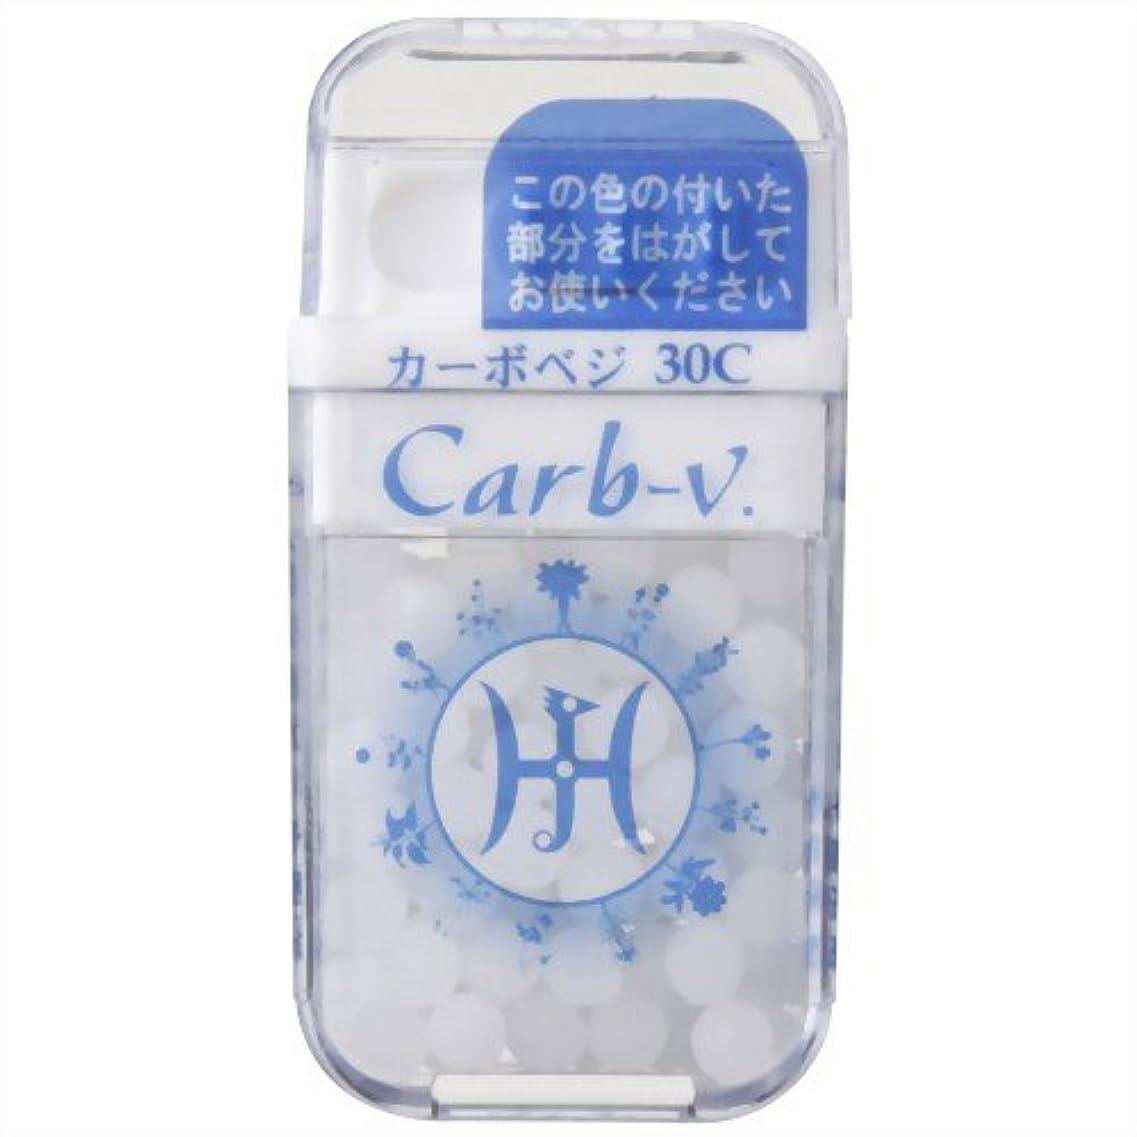 顔料ジェームズダイソンすべてホメオパシージャパンレメディー Carb-v.  カーボベジ 30C (大ビン)